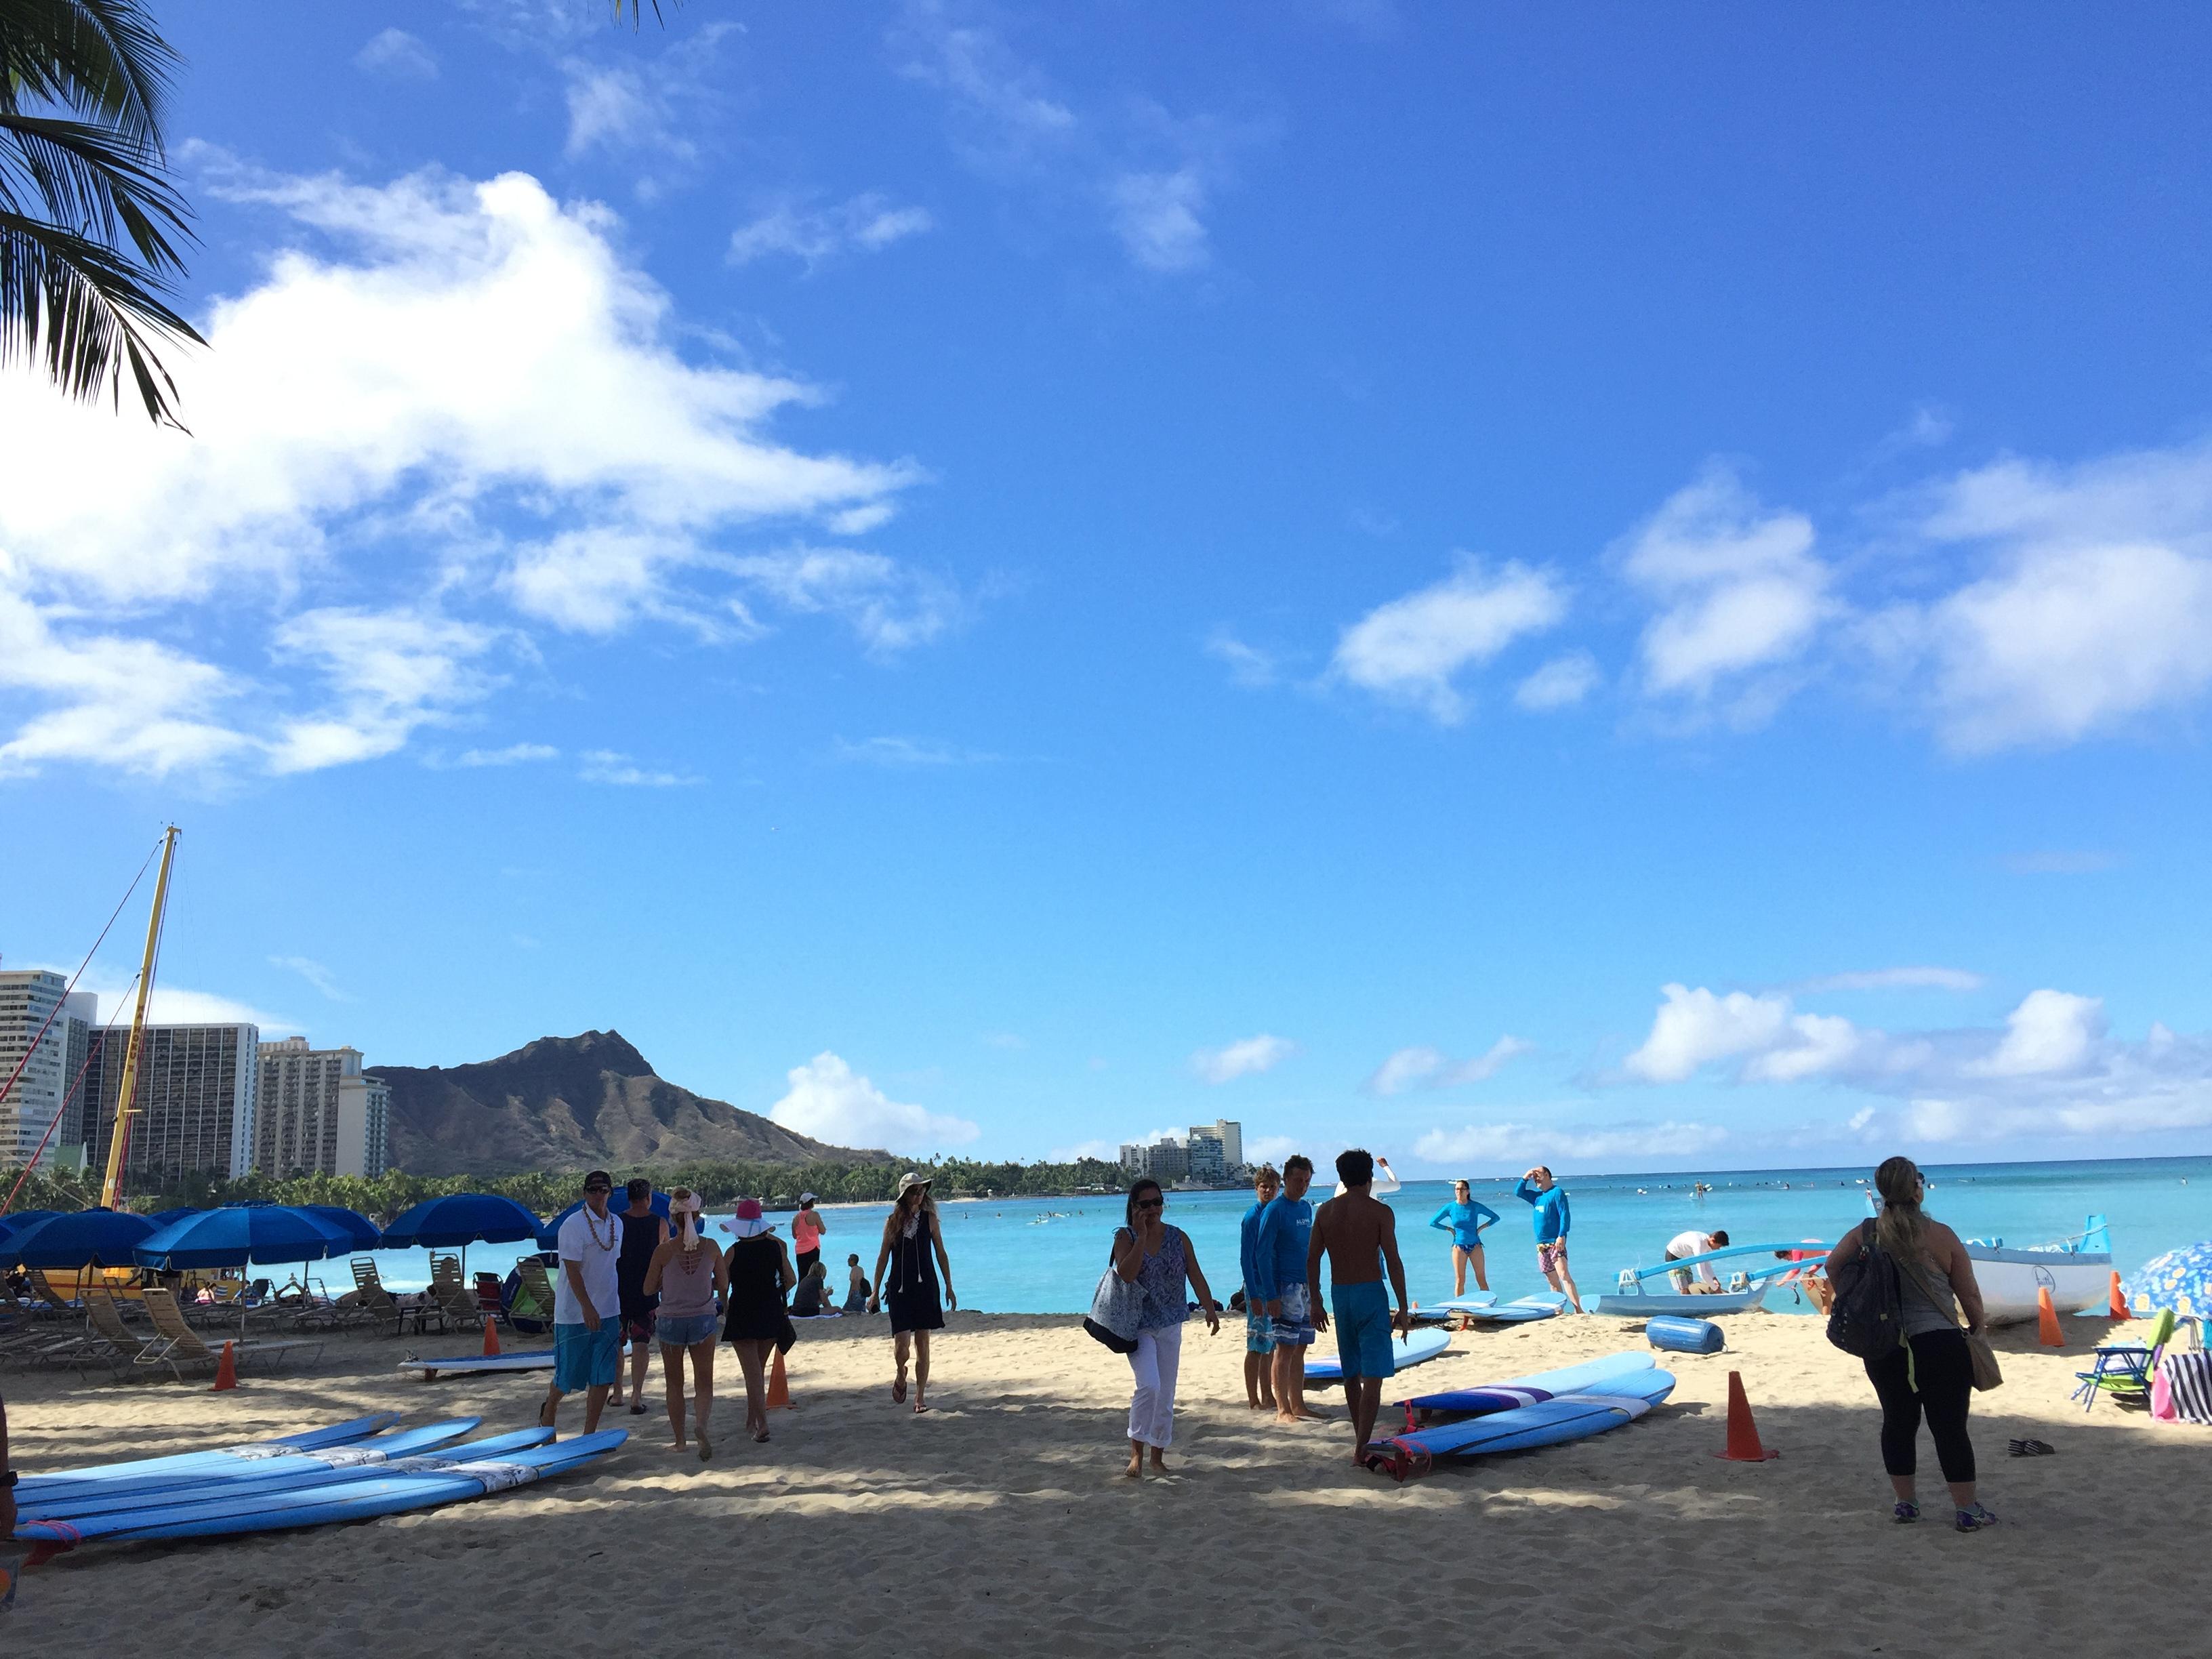 ハワイ在住歴20年 ハワイのお土産探しのおすすめスポット10